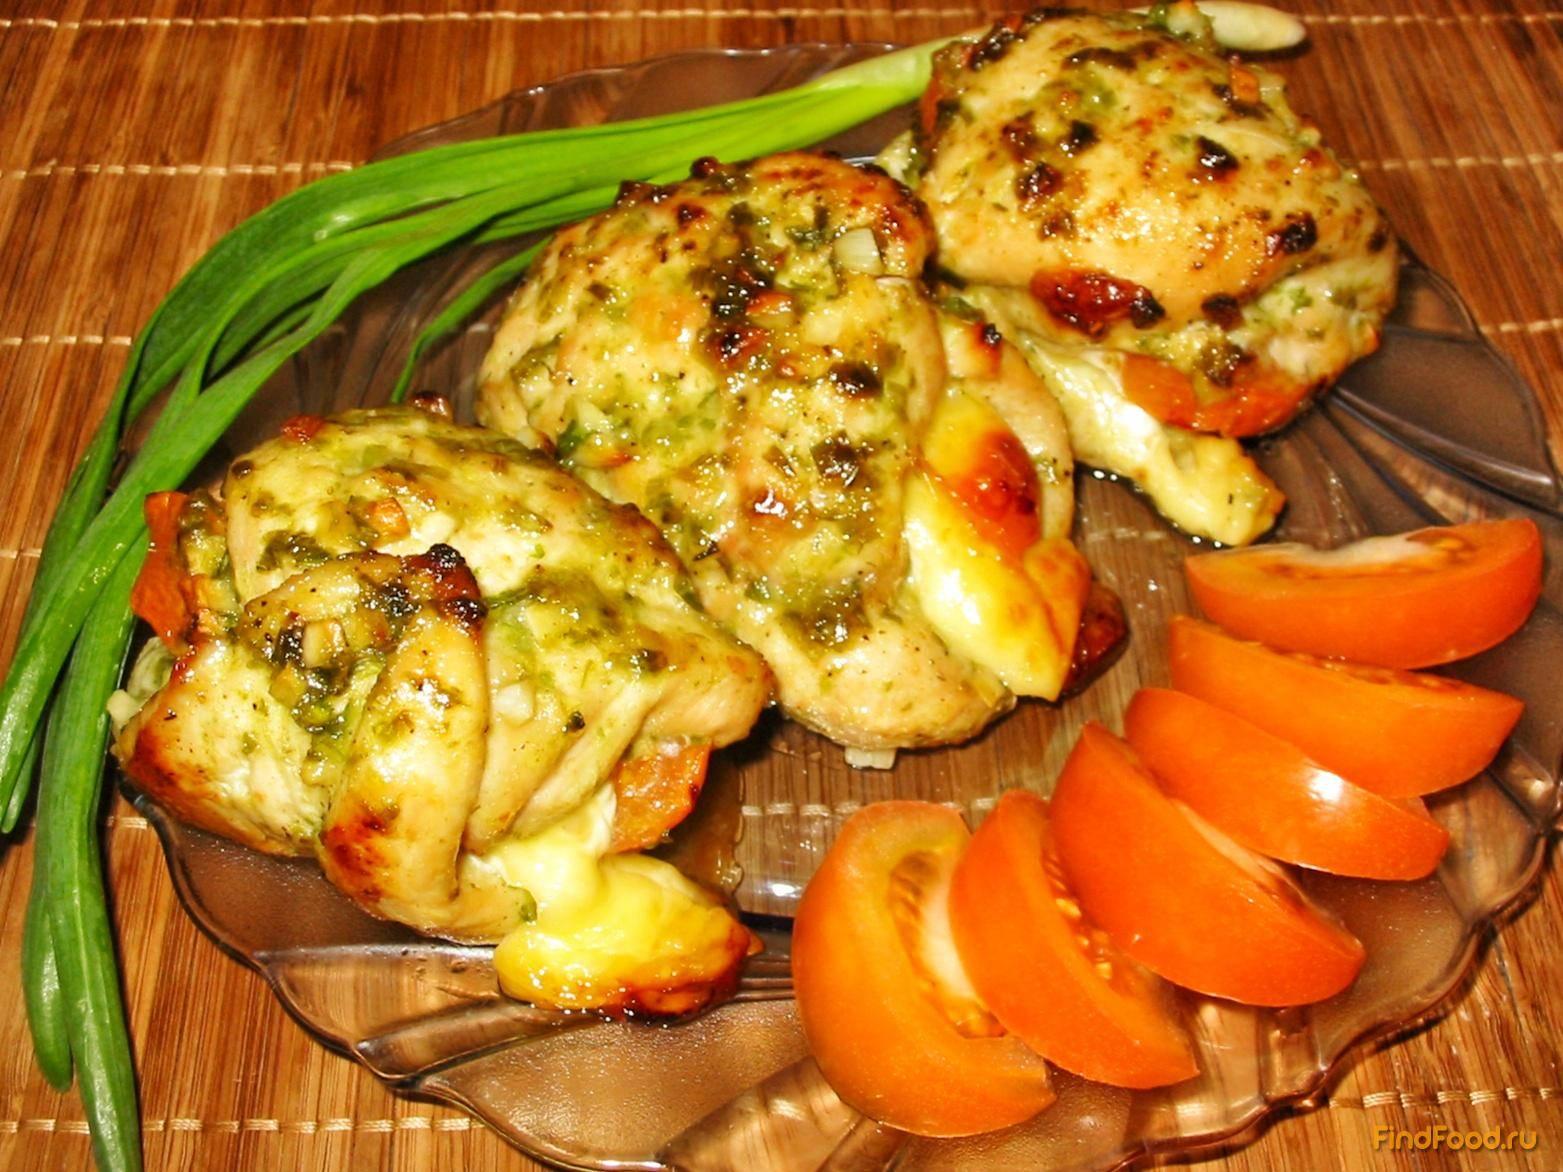 Грудка куриная фаршированная — 3 рецепта: с творогом; грибами и овощами